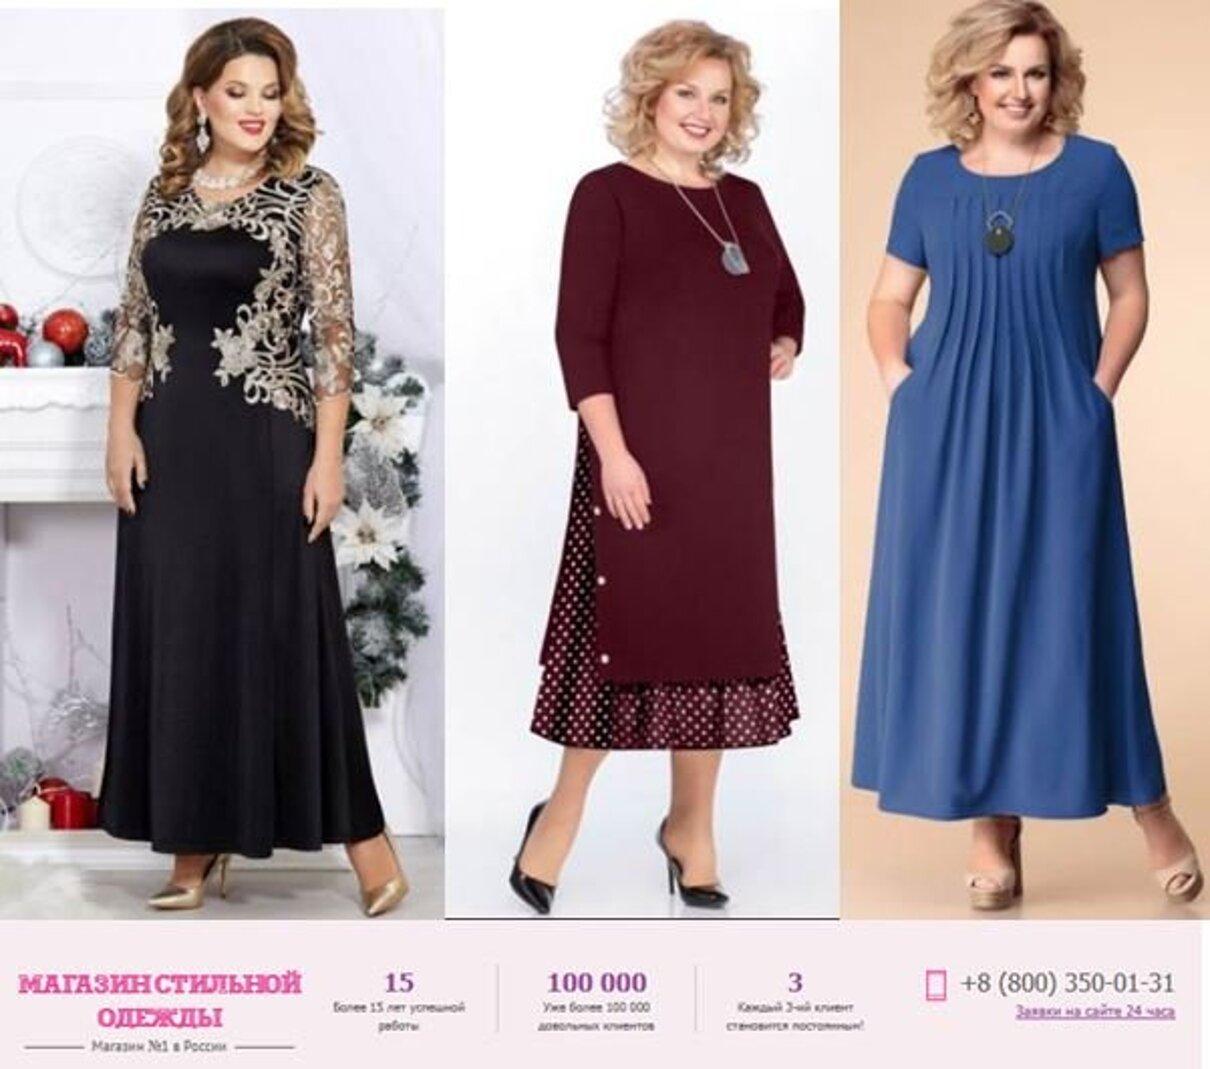 Магазины Интернета Одежда Платья Скидки